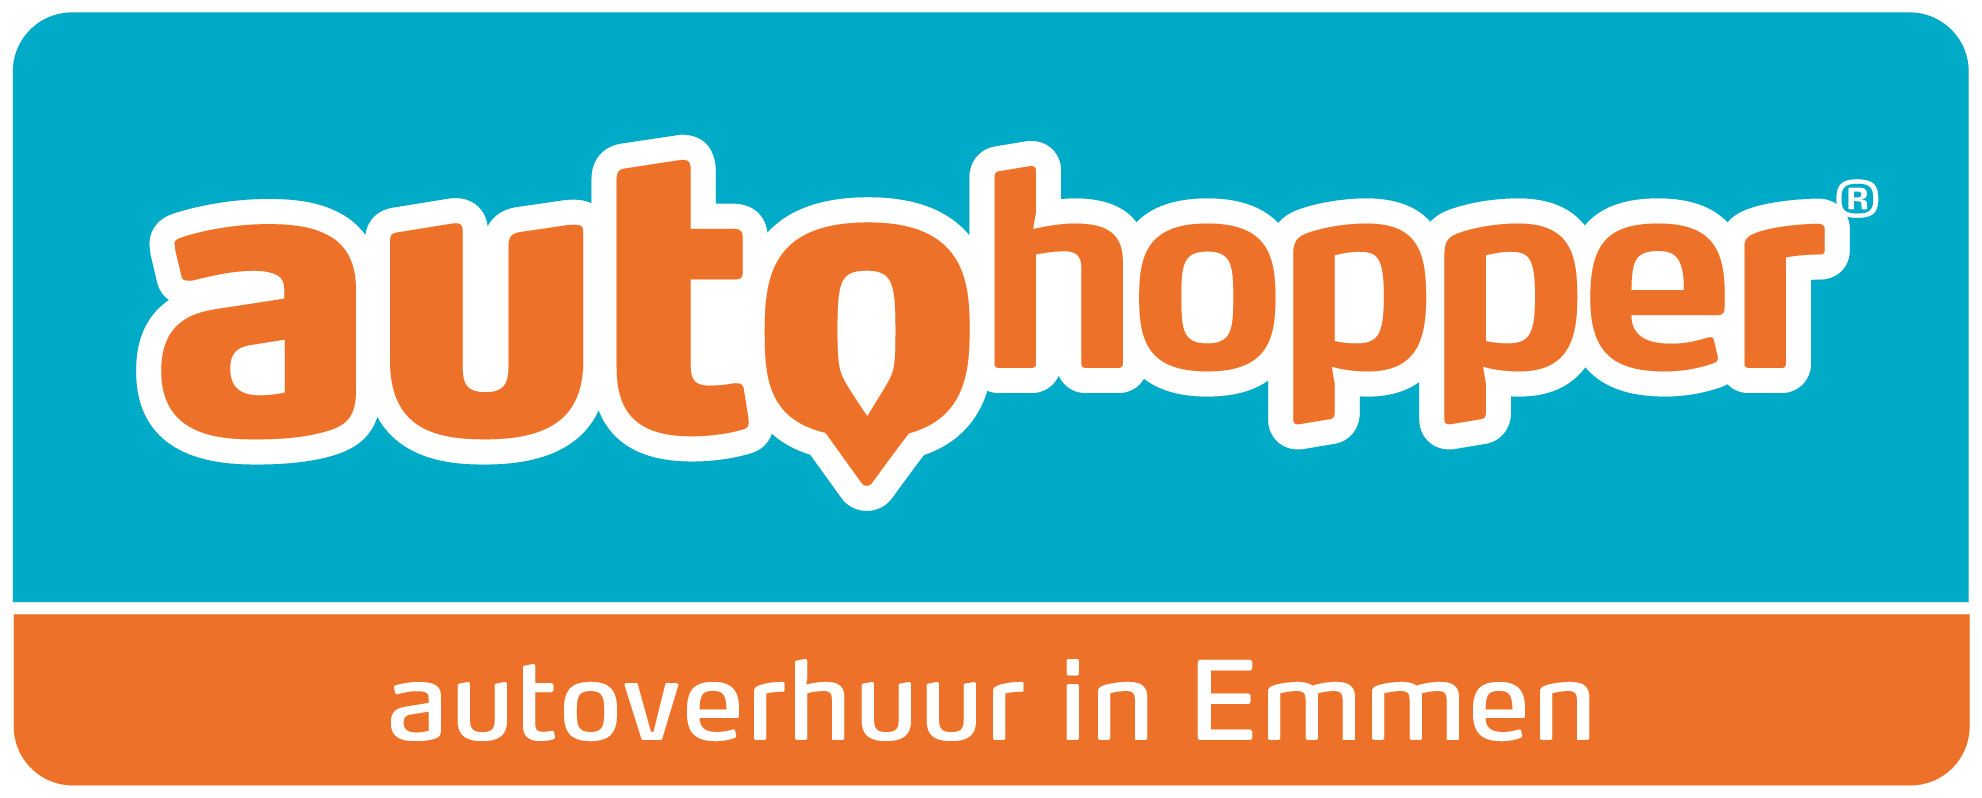 Autohopper Emmen